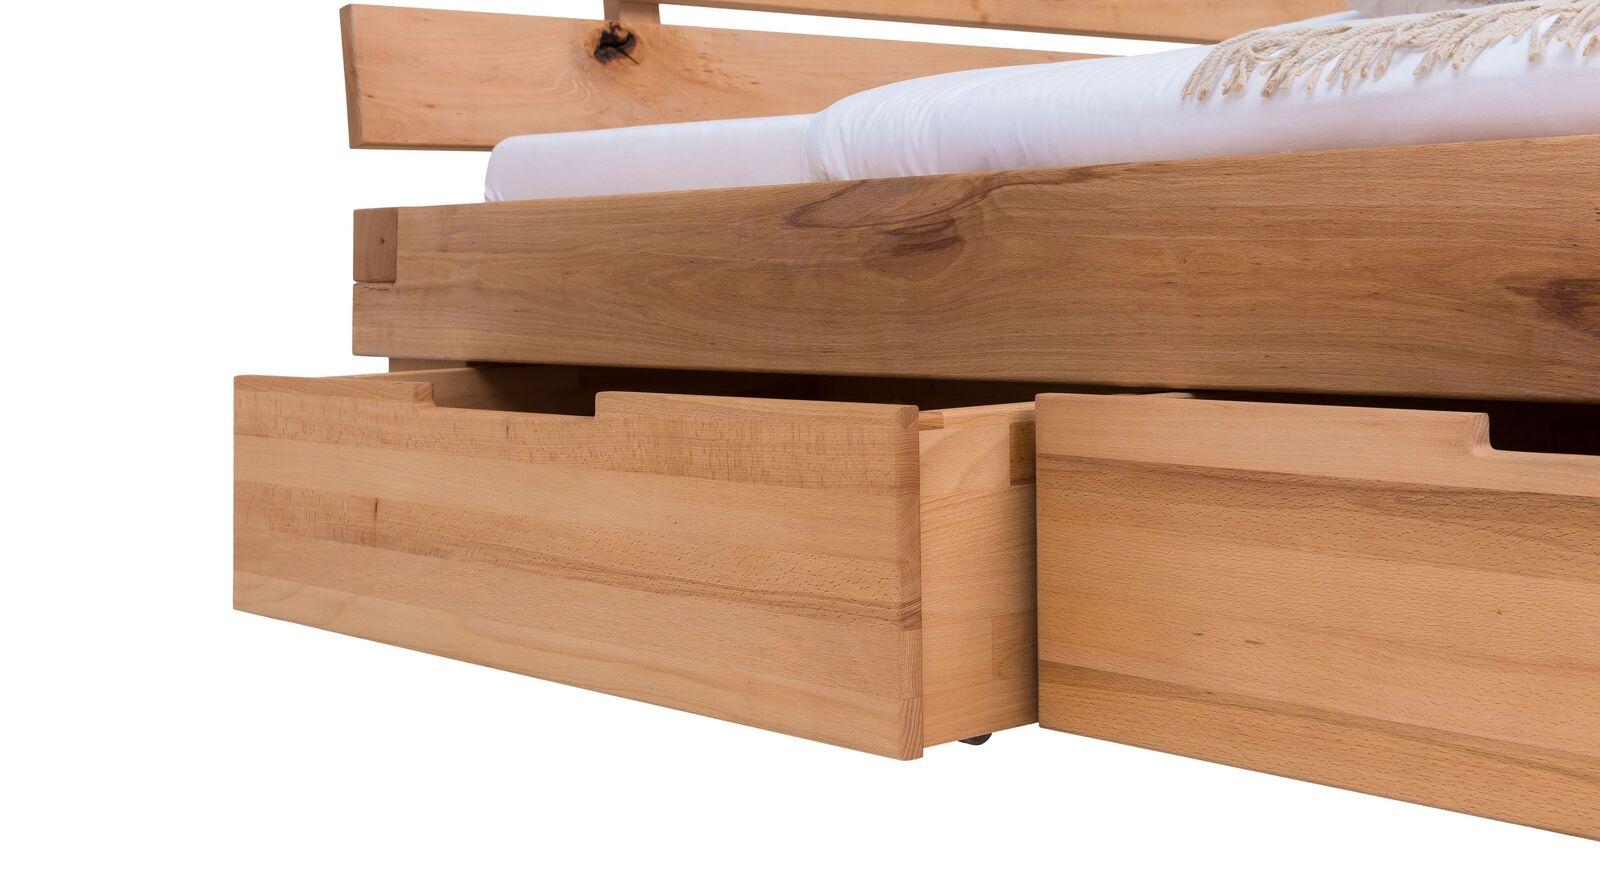 Schubkasten-Bett Sowa mit leichtgängigen Bettkästen